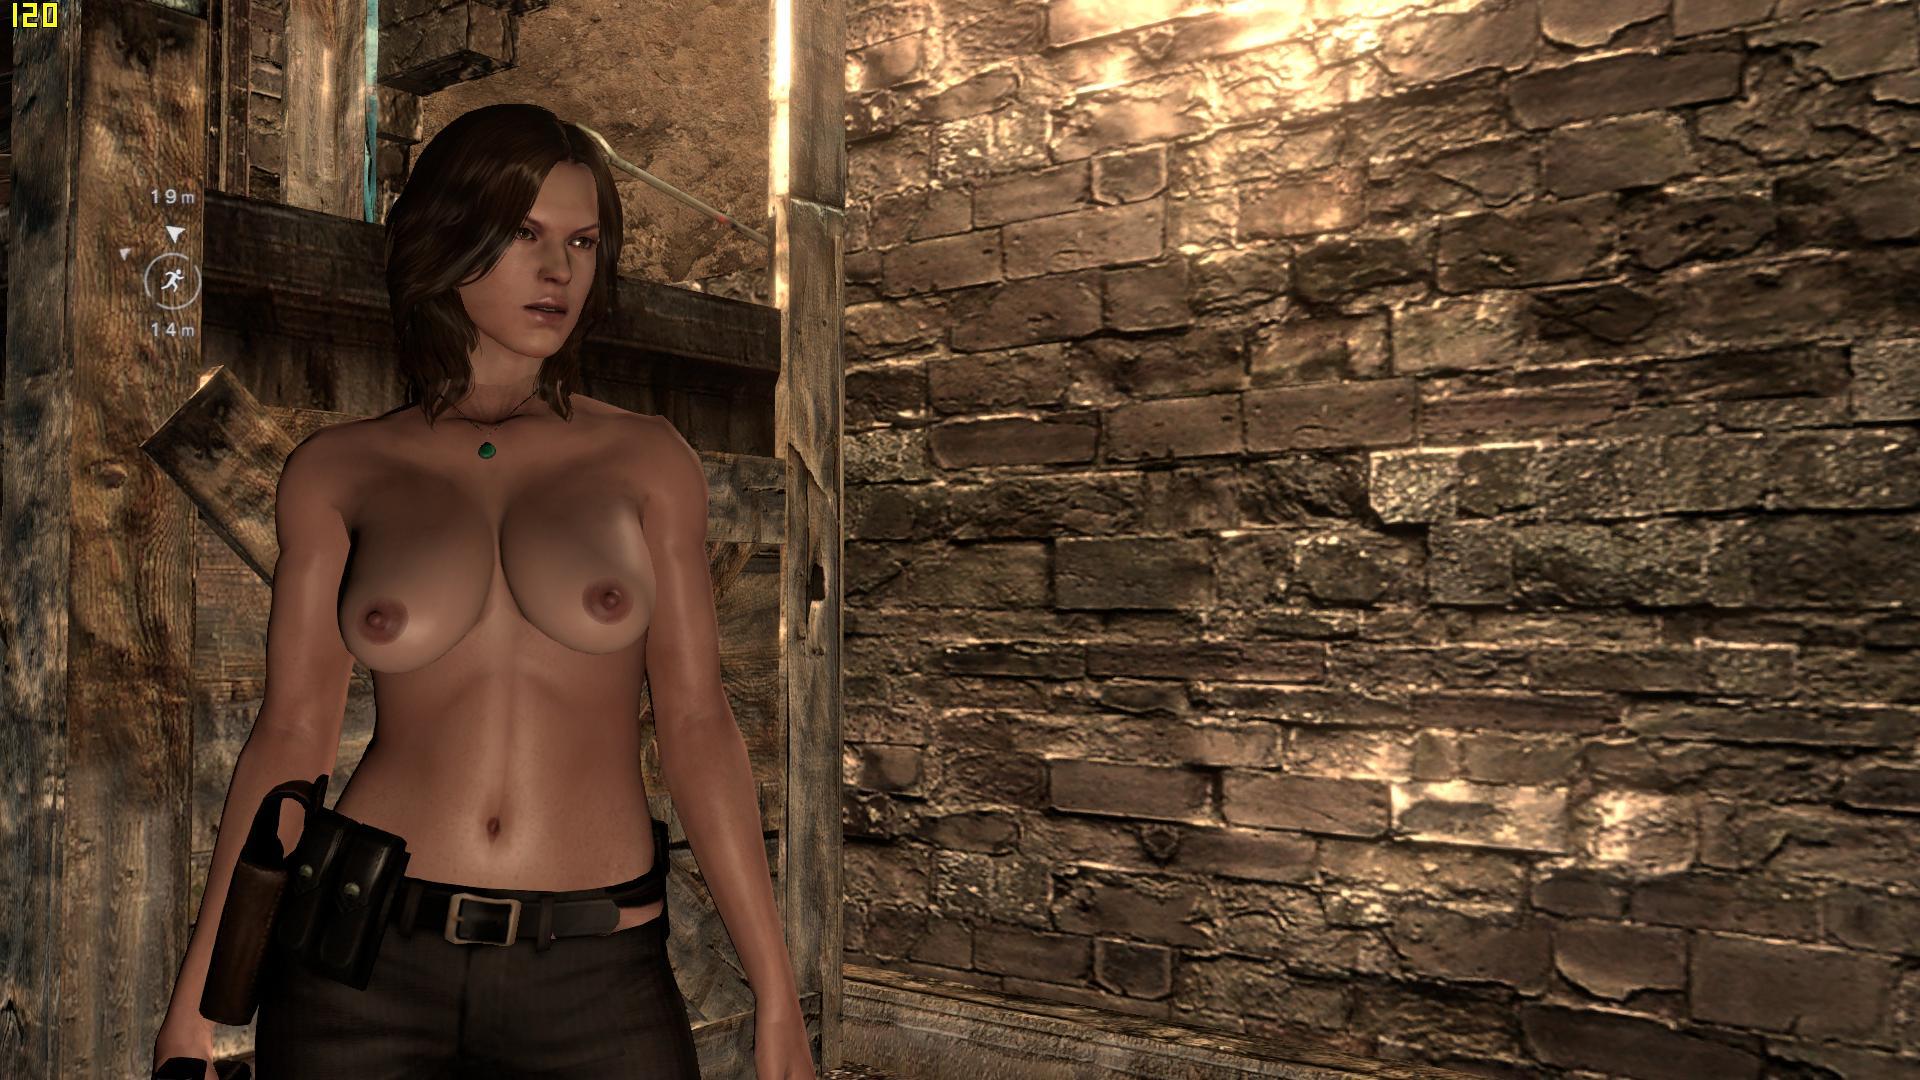 Jennifer aniston nude beach